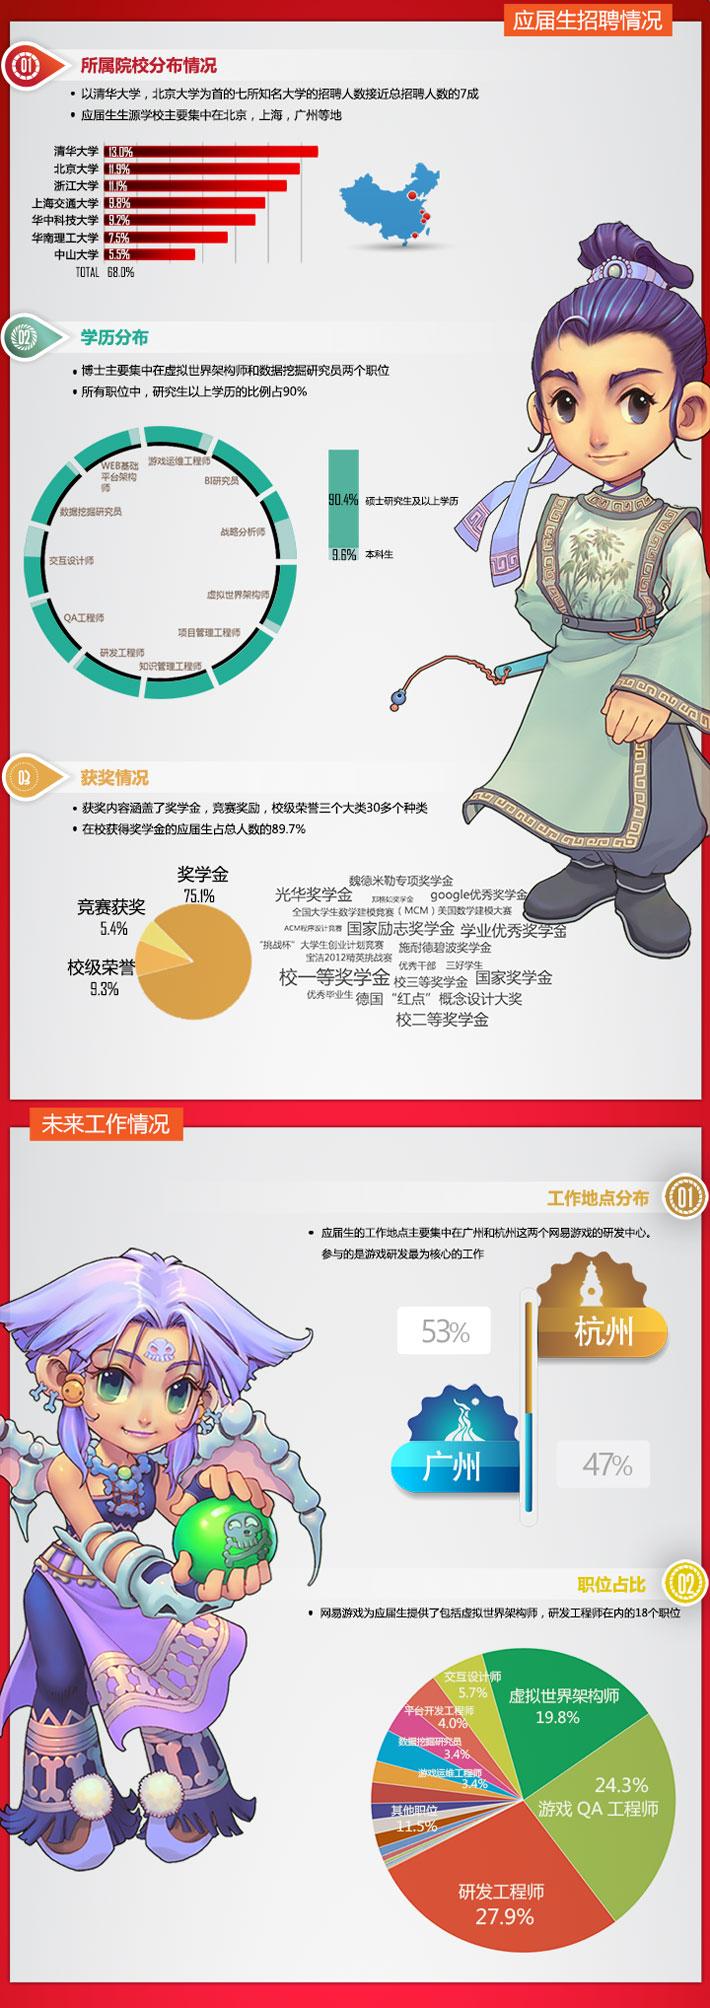 [广州|杭州]网易游戏2015校园招聘